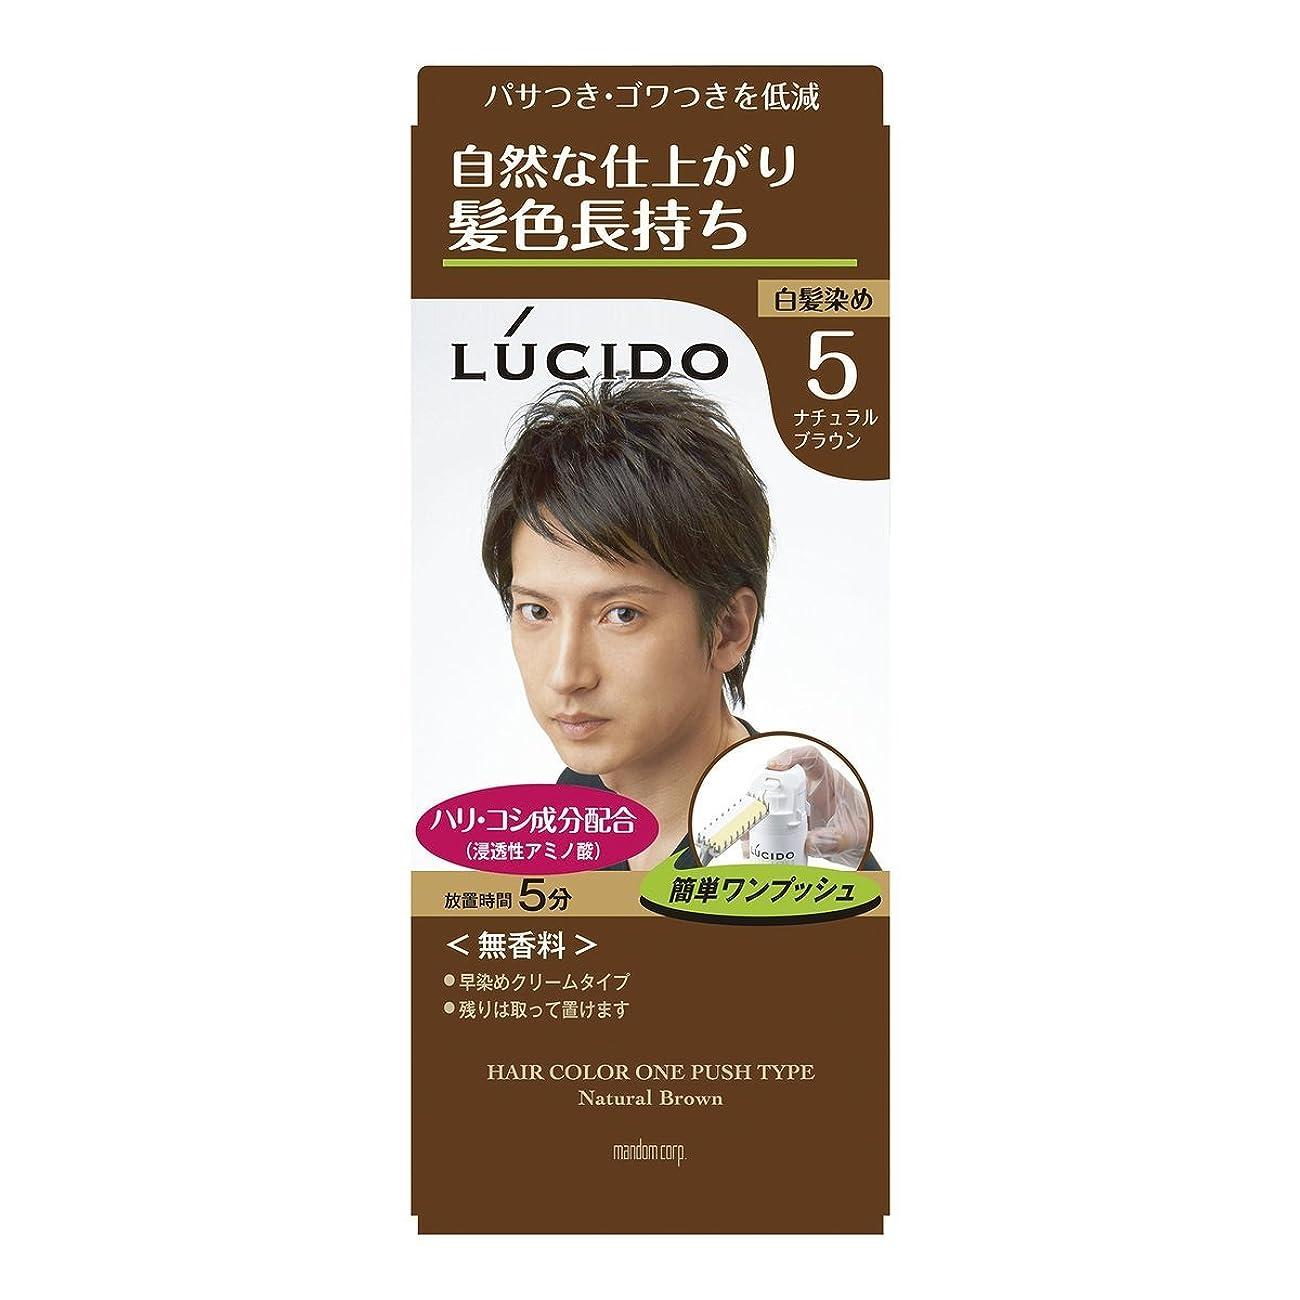 【マンダム】ルシード ワンプッシュケアカラー 5 ナチュラルブラウン 1剤50g?2剤50g ×10個セット